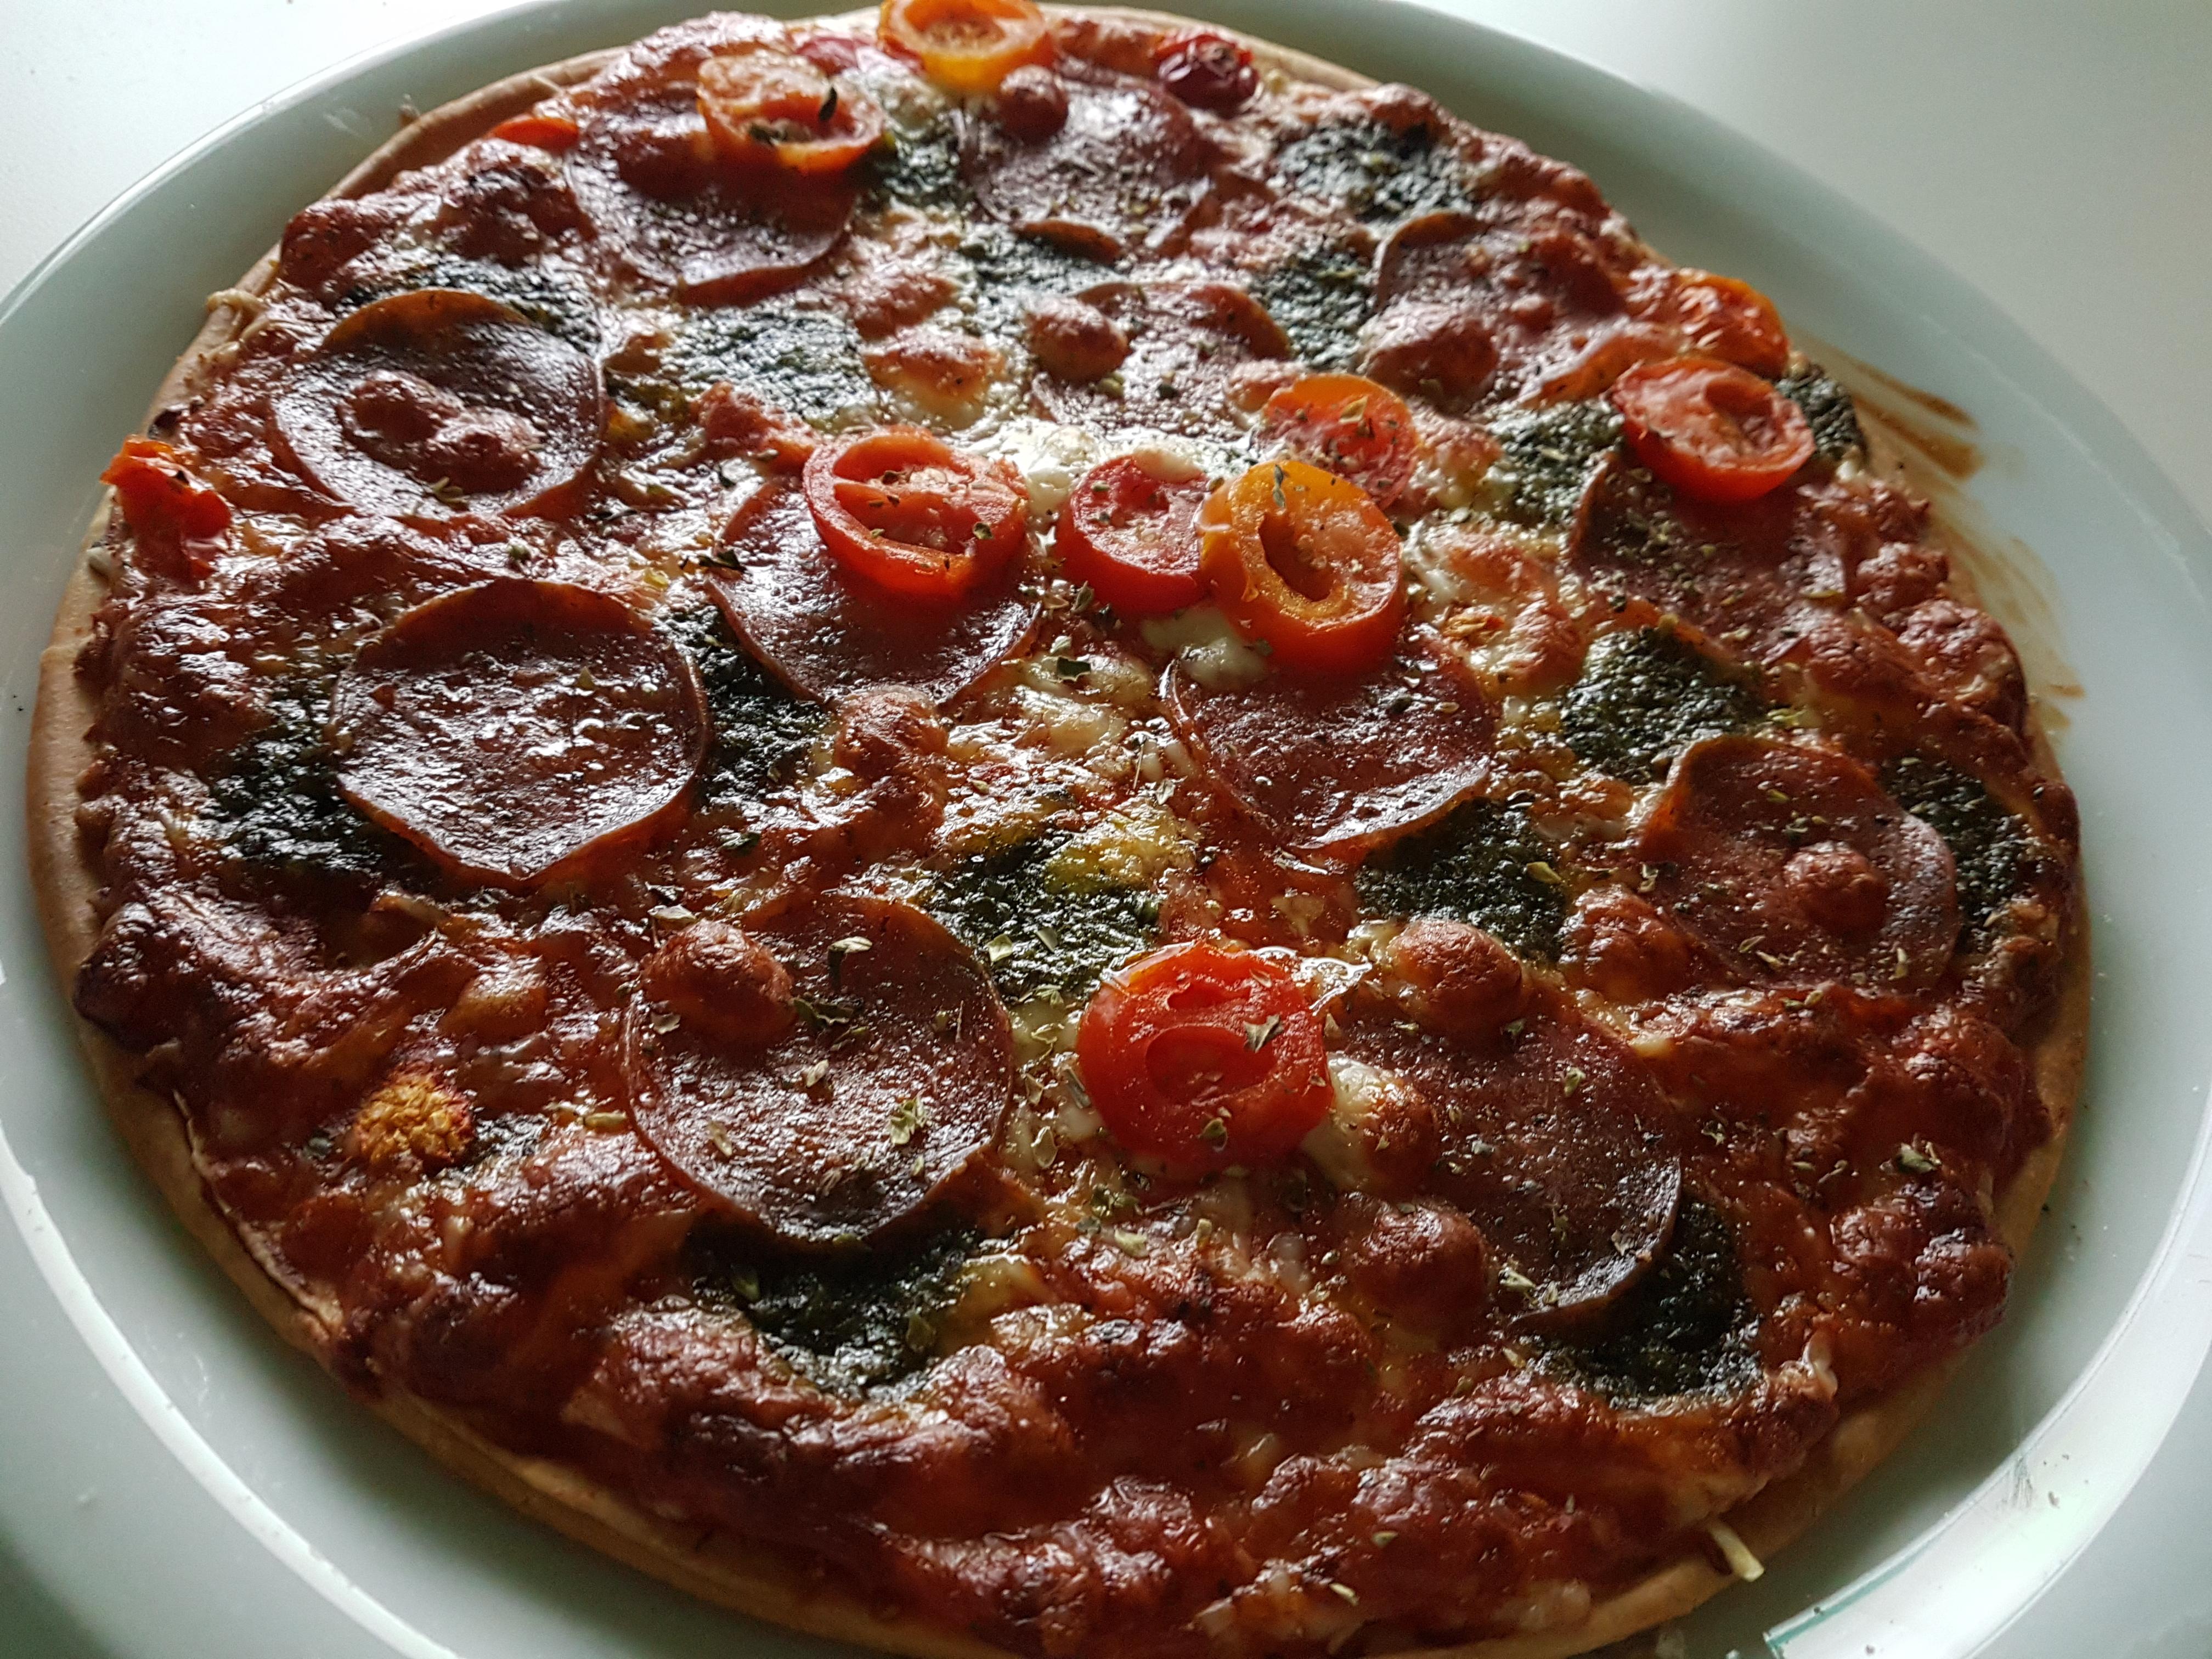 https://foodloader.net/Holz_2018-01-11_Pizza.jpg